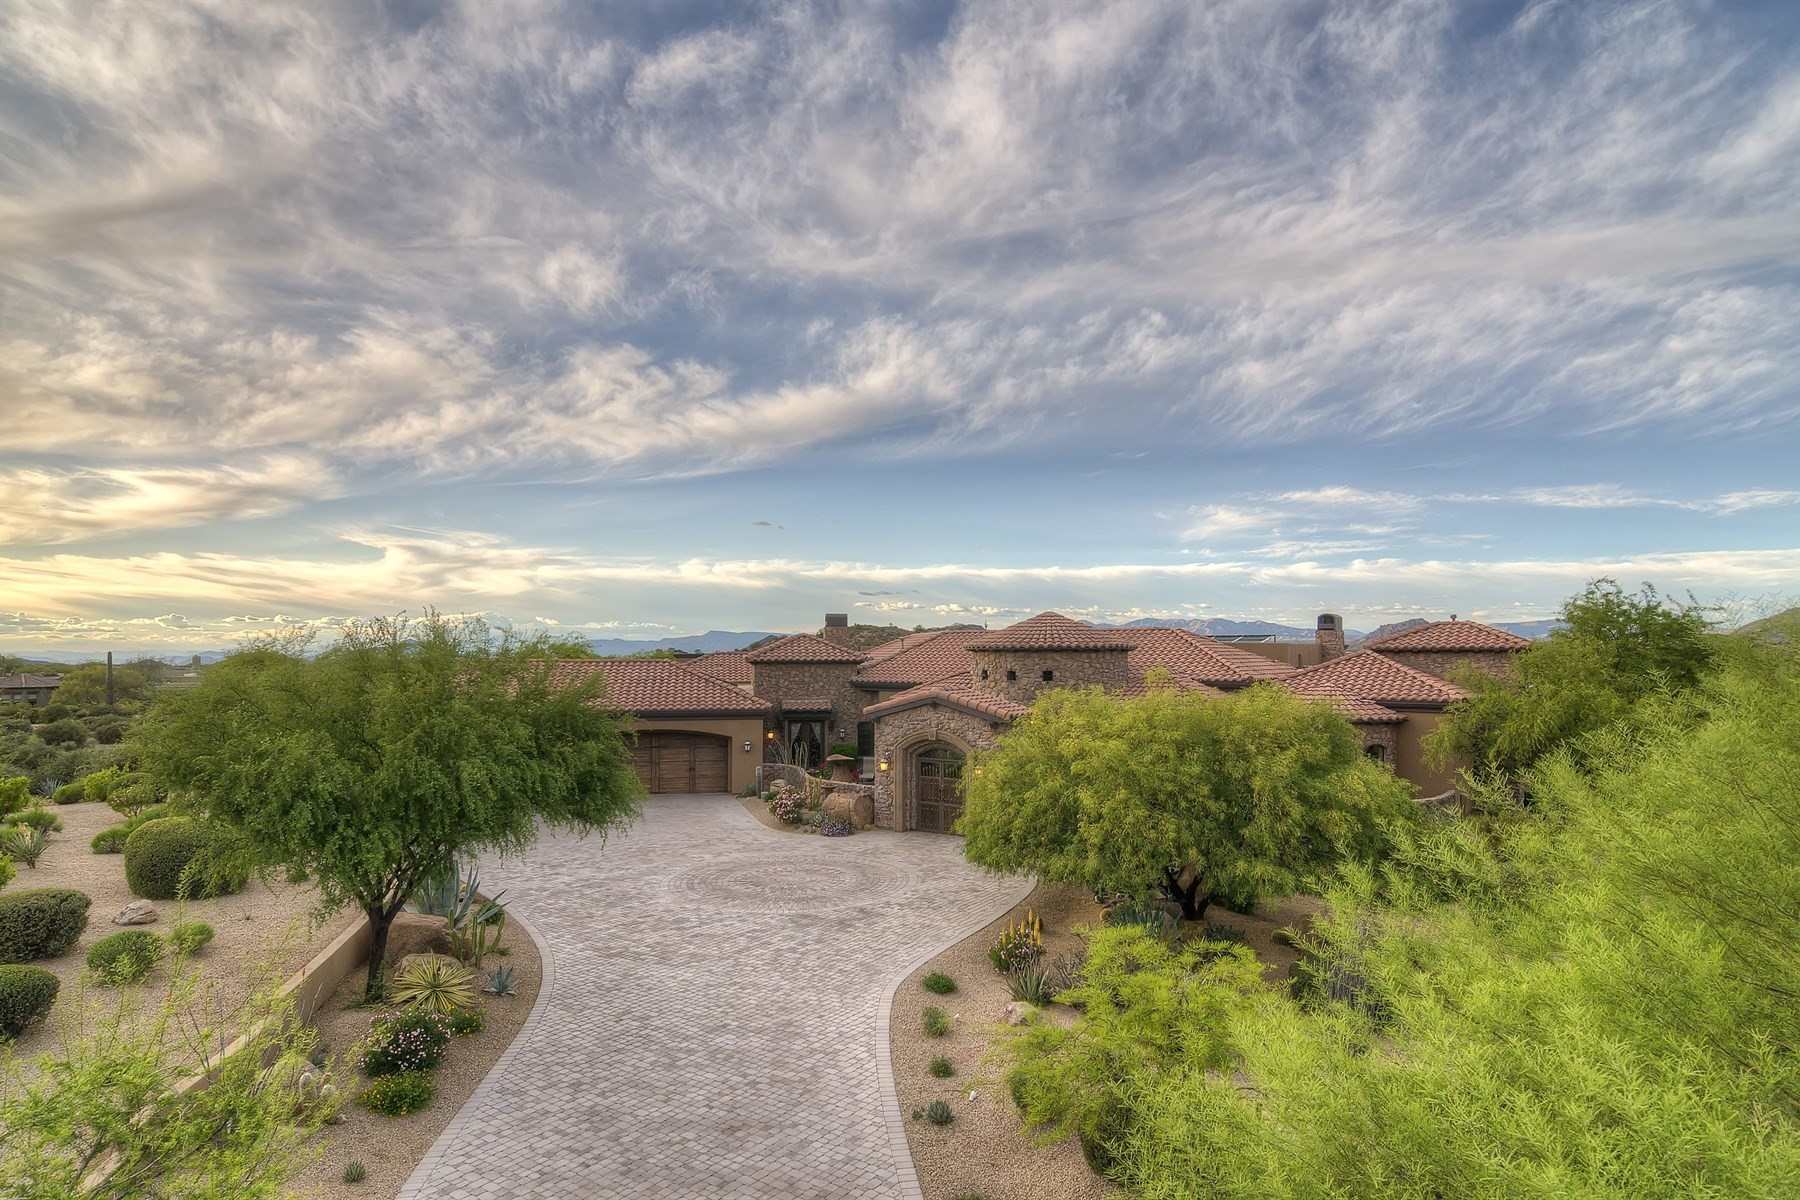 단독 가정 주택 용 매매 에 Nothing Short of a Great Deal! 26868 N 117th Pl Scottsdale, 아리조나, 85262 미국